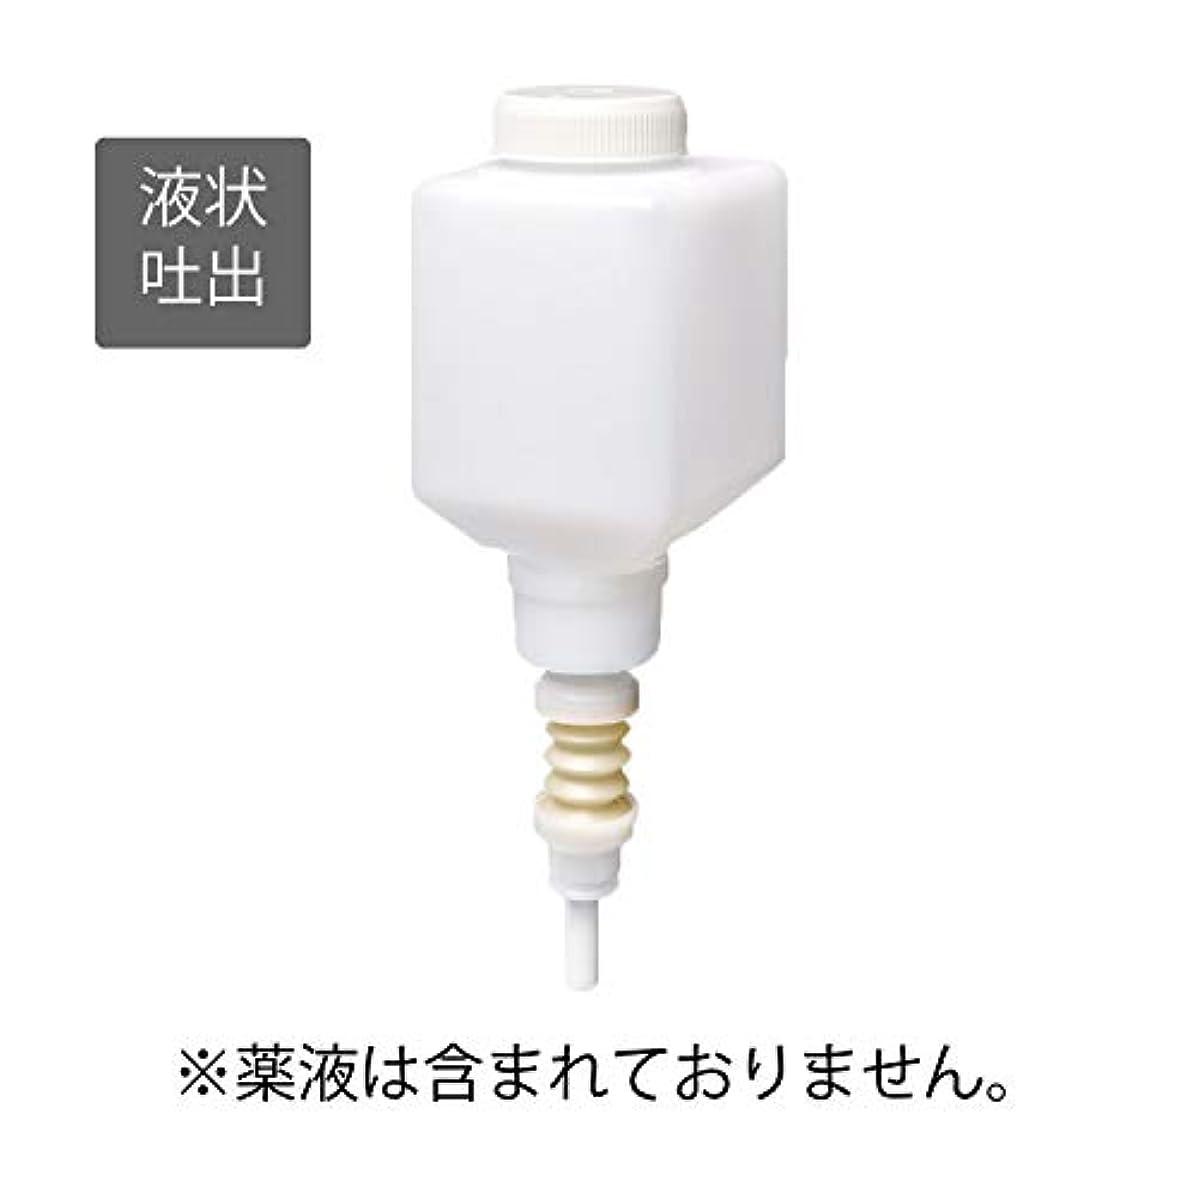 フレッシュ溶融位置づけるサラヤ カートリッジボトル 石けん液用 250ml MD-300